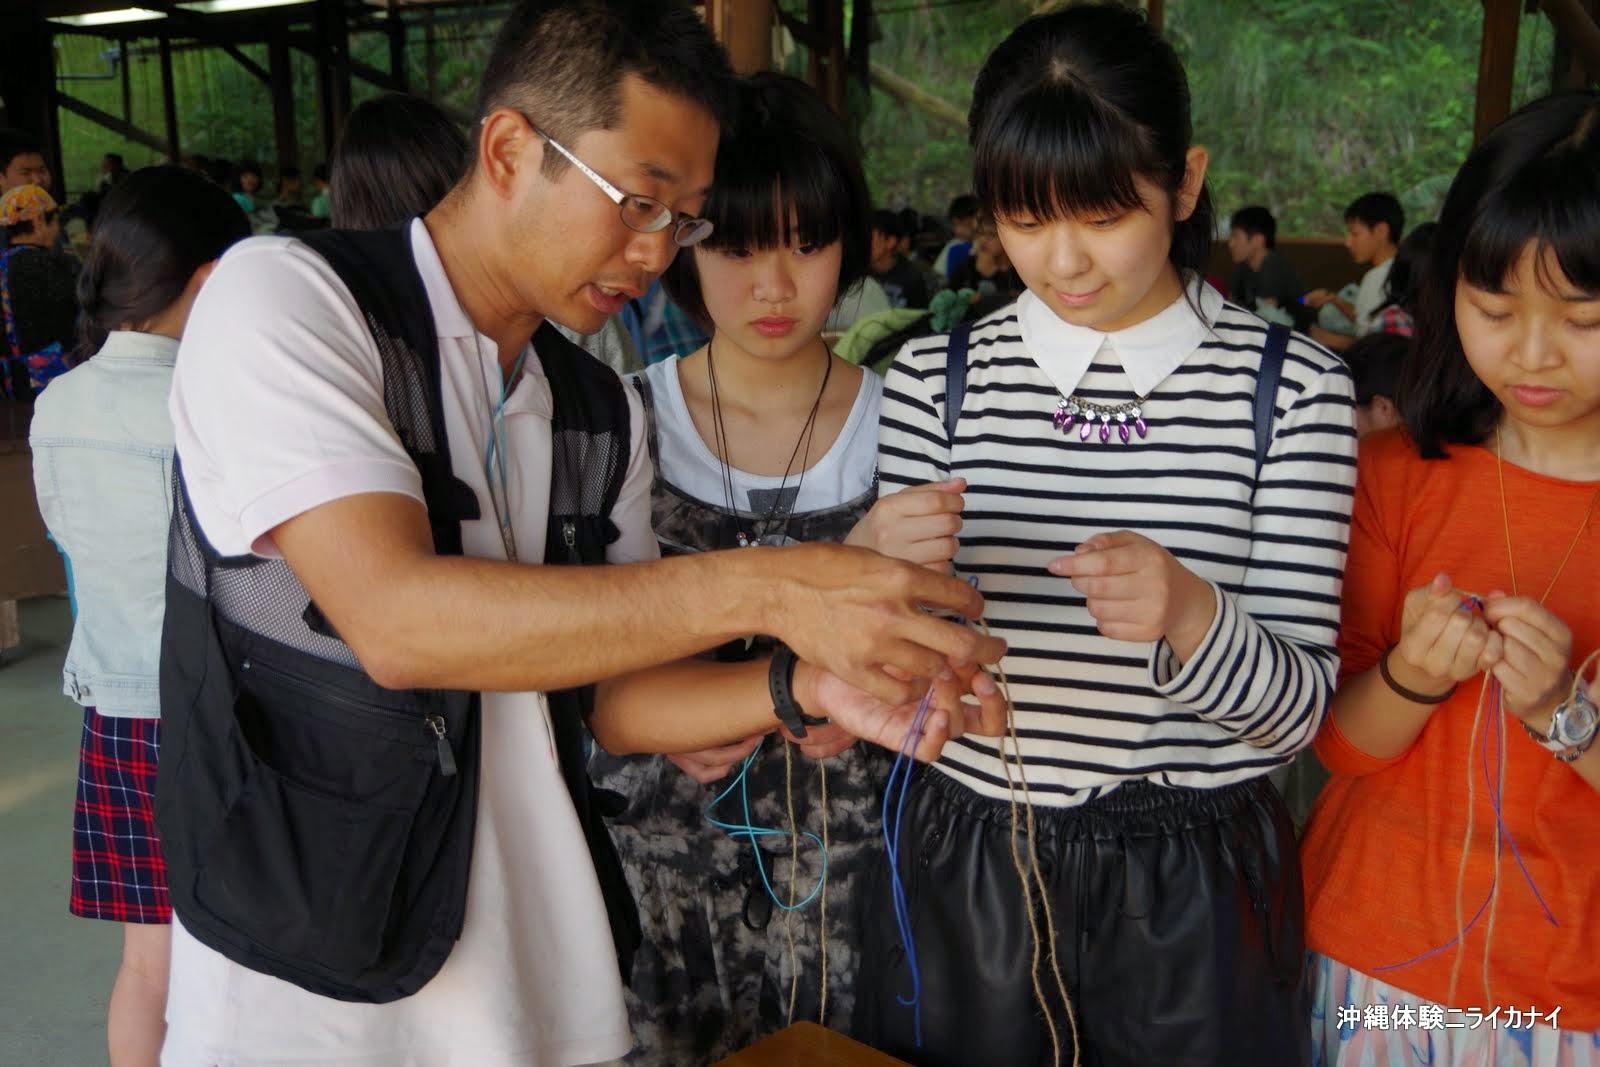 沖縄体験/観光マリンクラフト作り